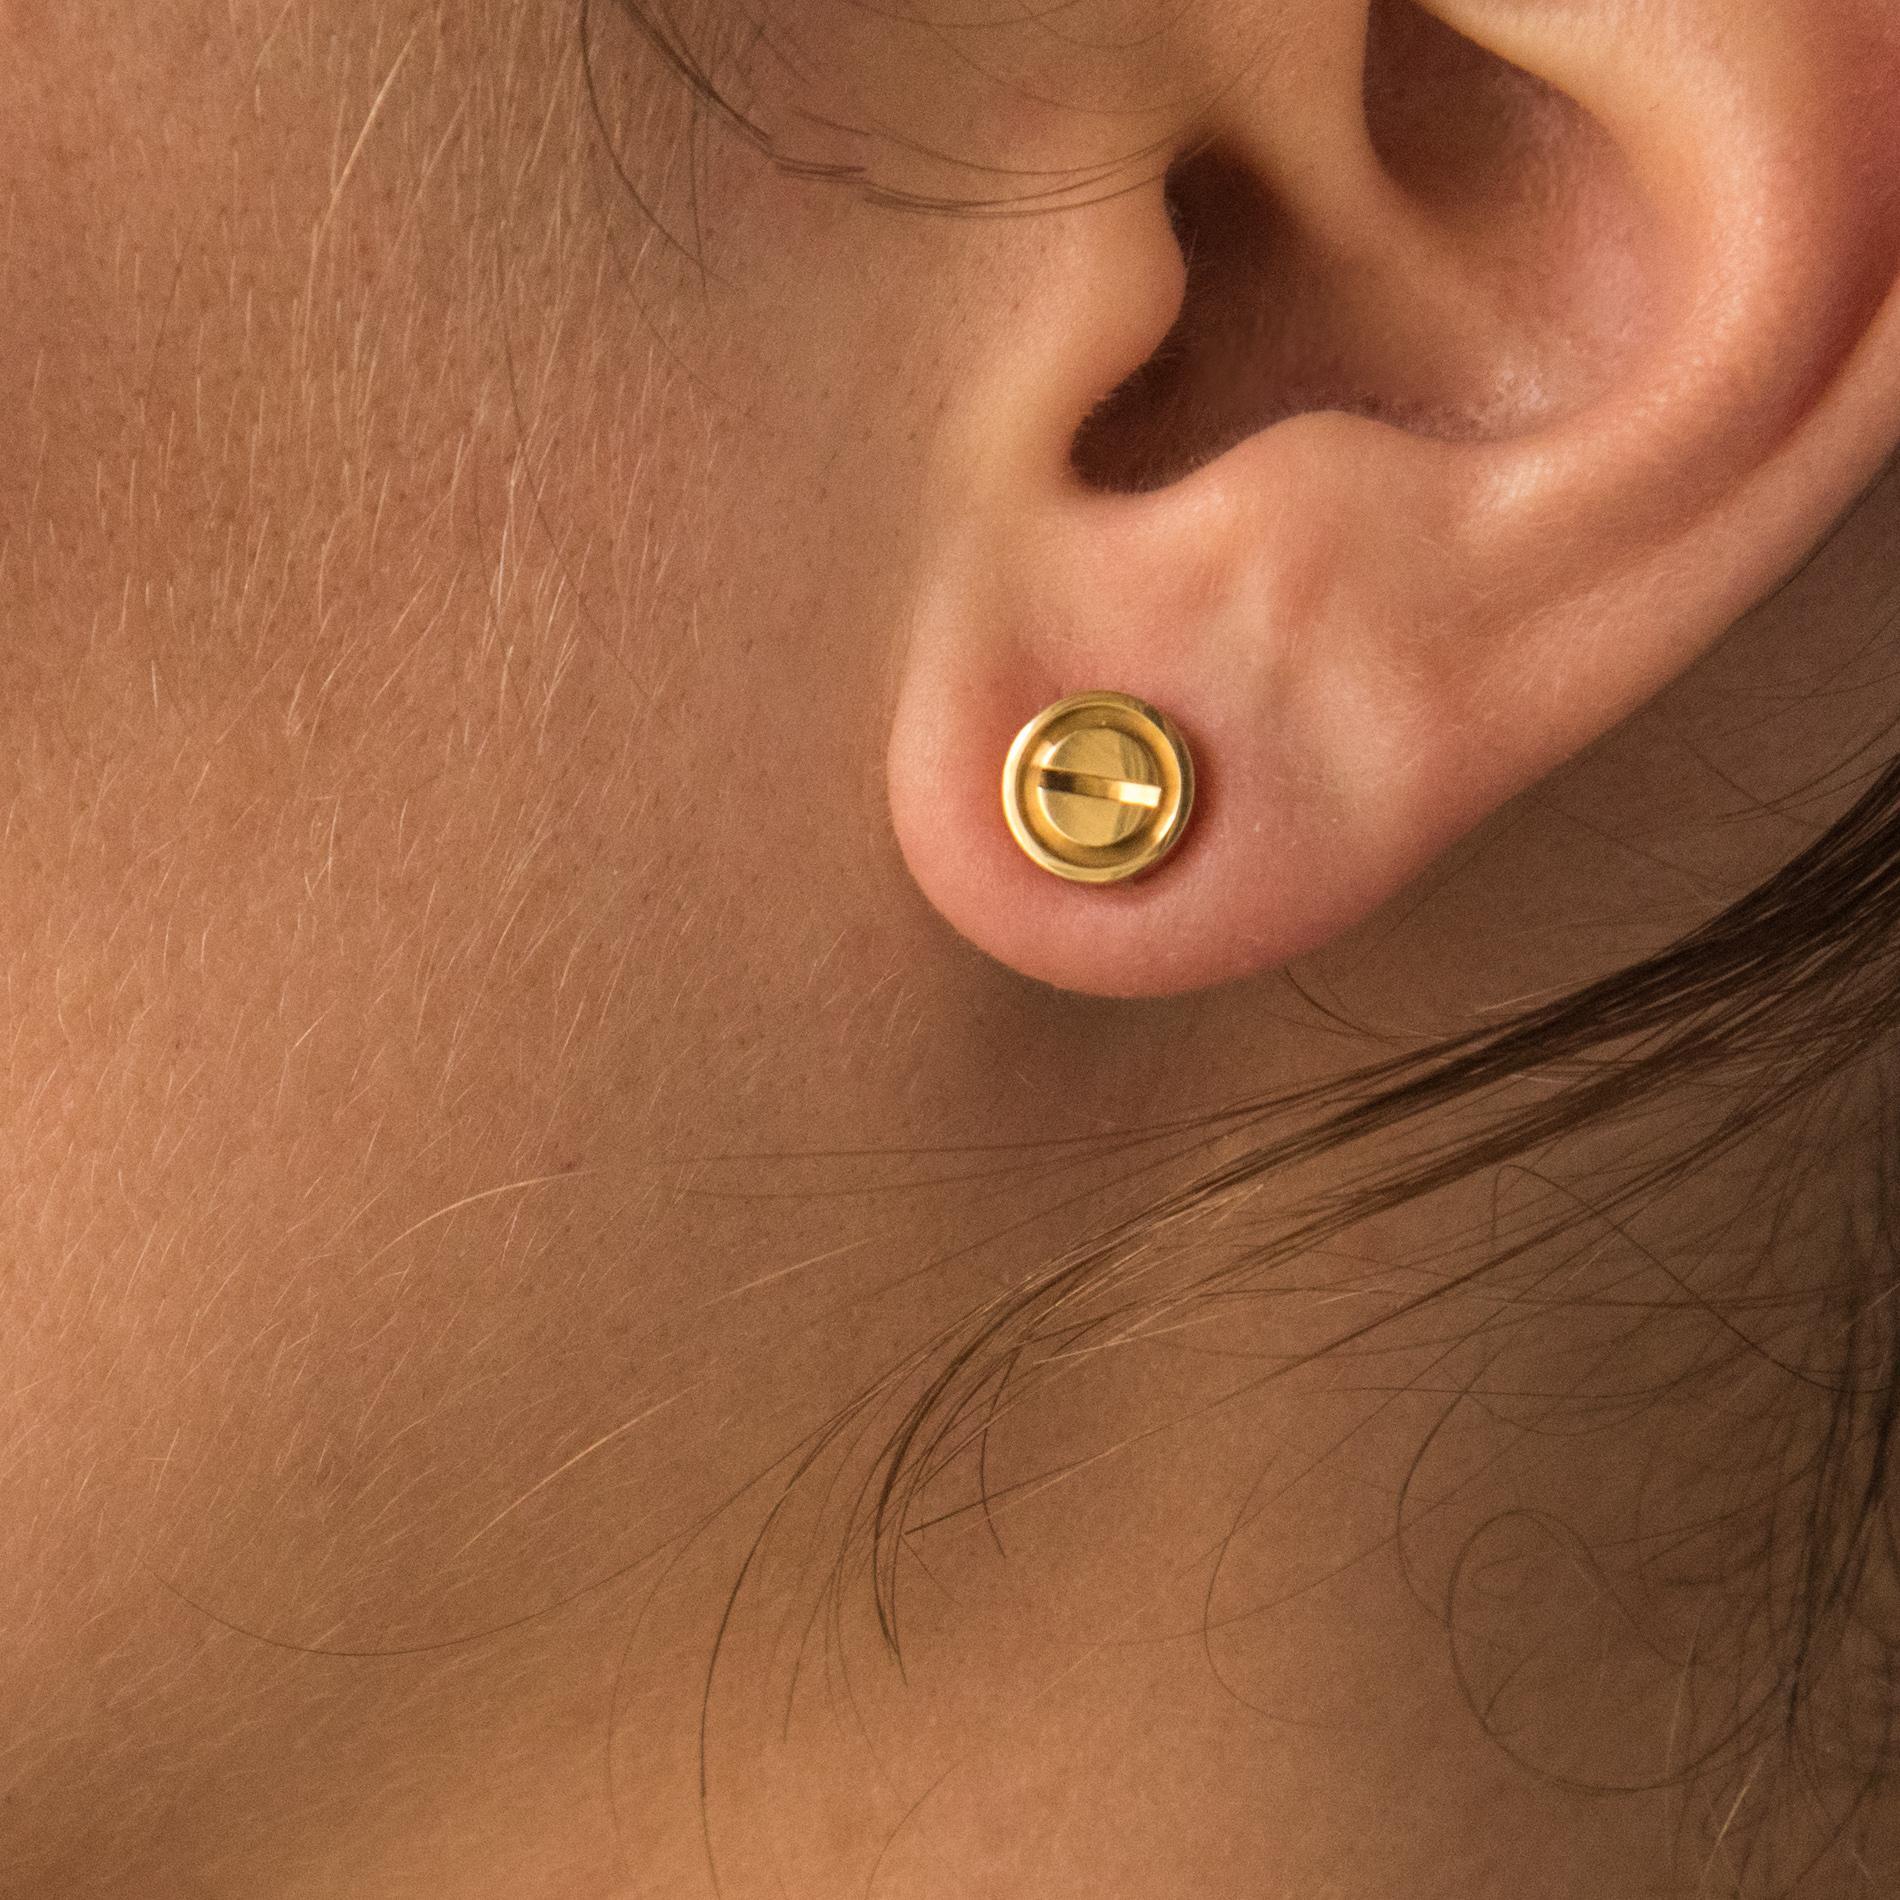 d5304fffe8cba Cartier Love Earrings Review - Best All Earring Photos Kamilmaciol.Com